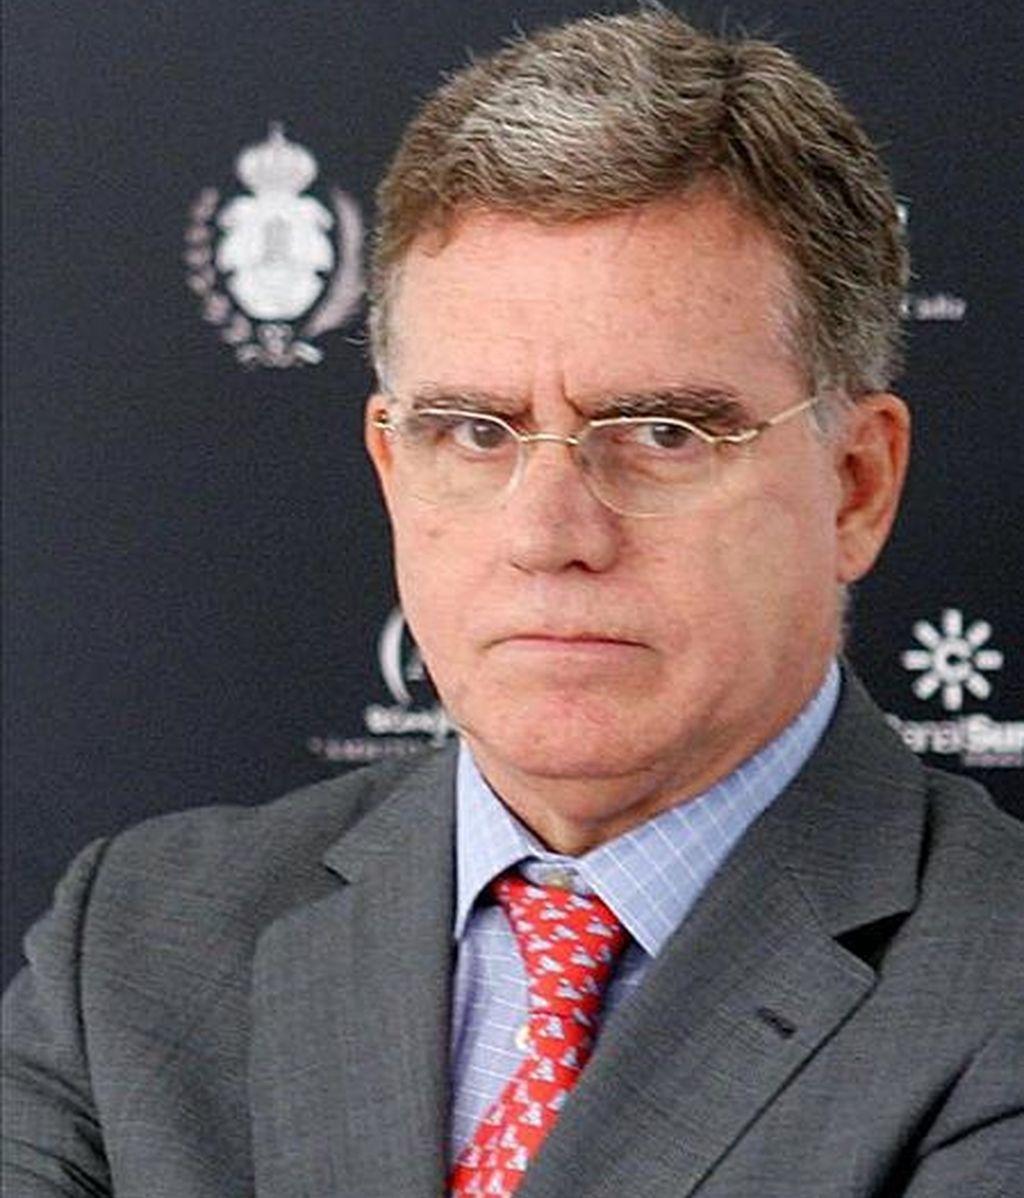 El hasta ahora embajador español en Austria, José Pons. EFE/Archivo